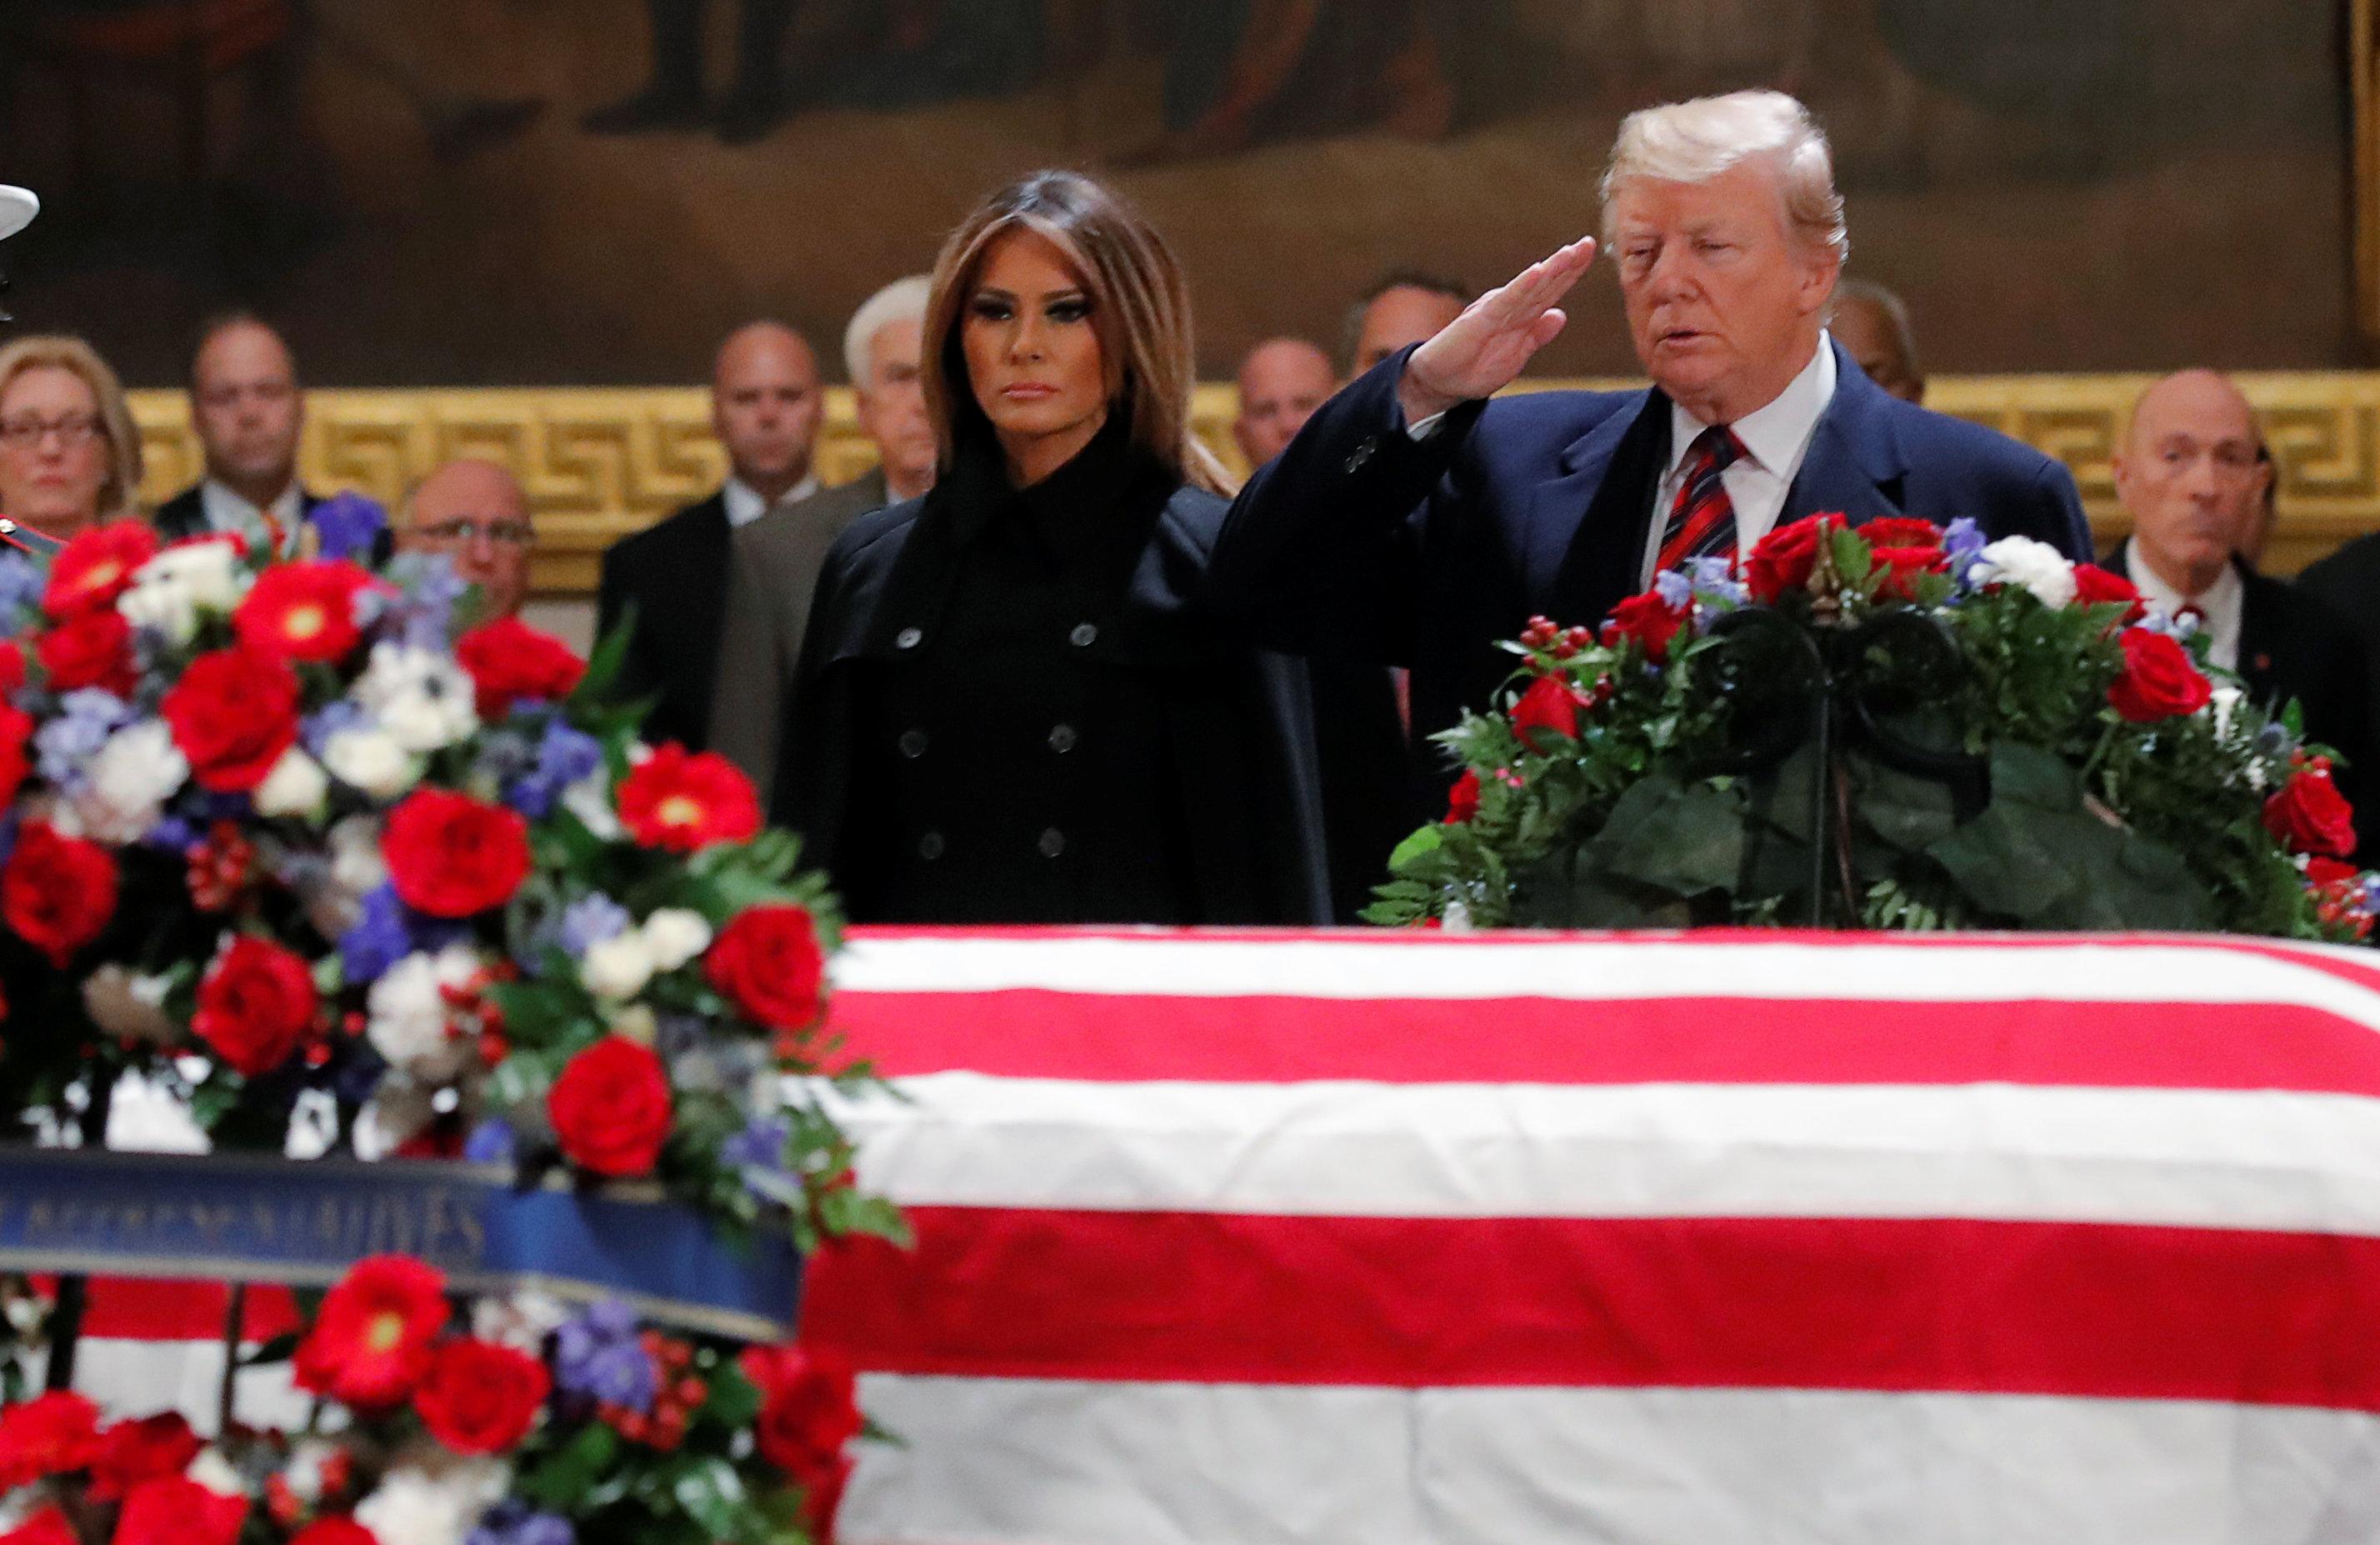 ترامب وميلانيا ونعش جورج بوش الأب